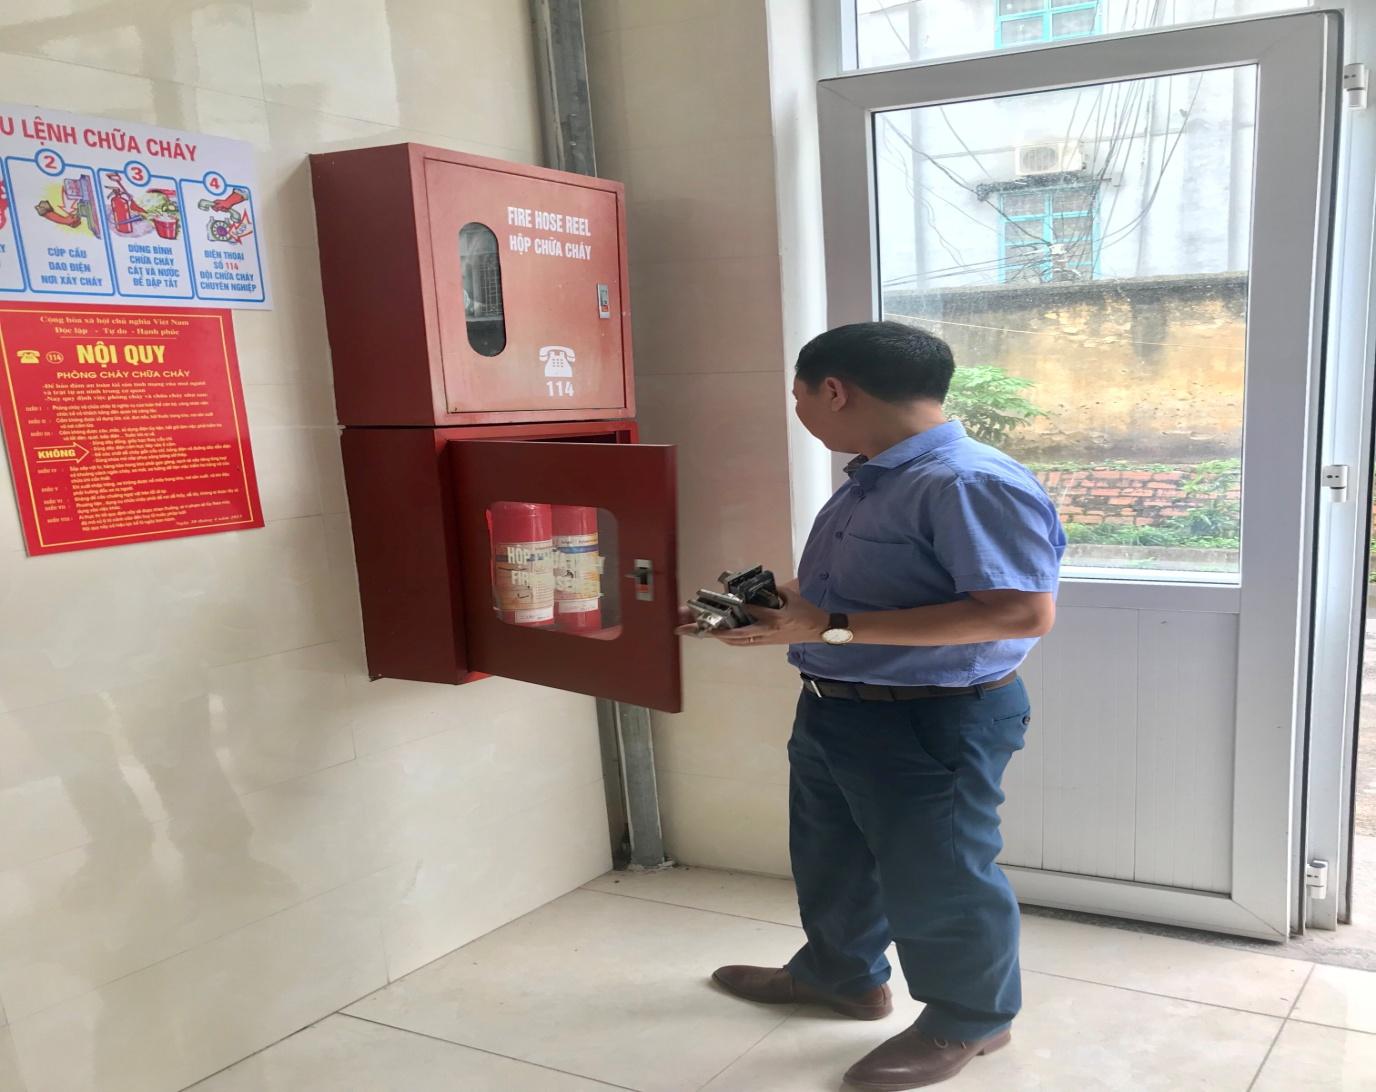 Bệnh viện Y dược cổ truyền và Phục hồi chức năng tỉnh Phú Thọ phòng cháy hơn chữa cháy - Ảnh 1